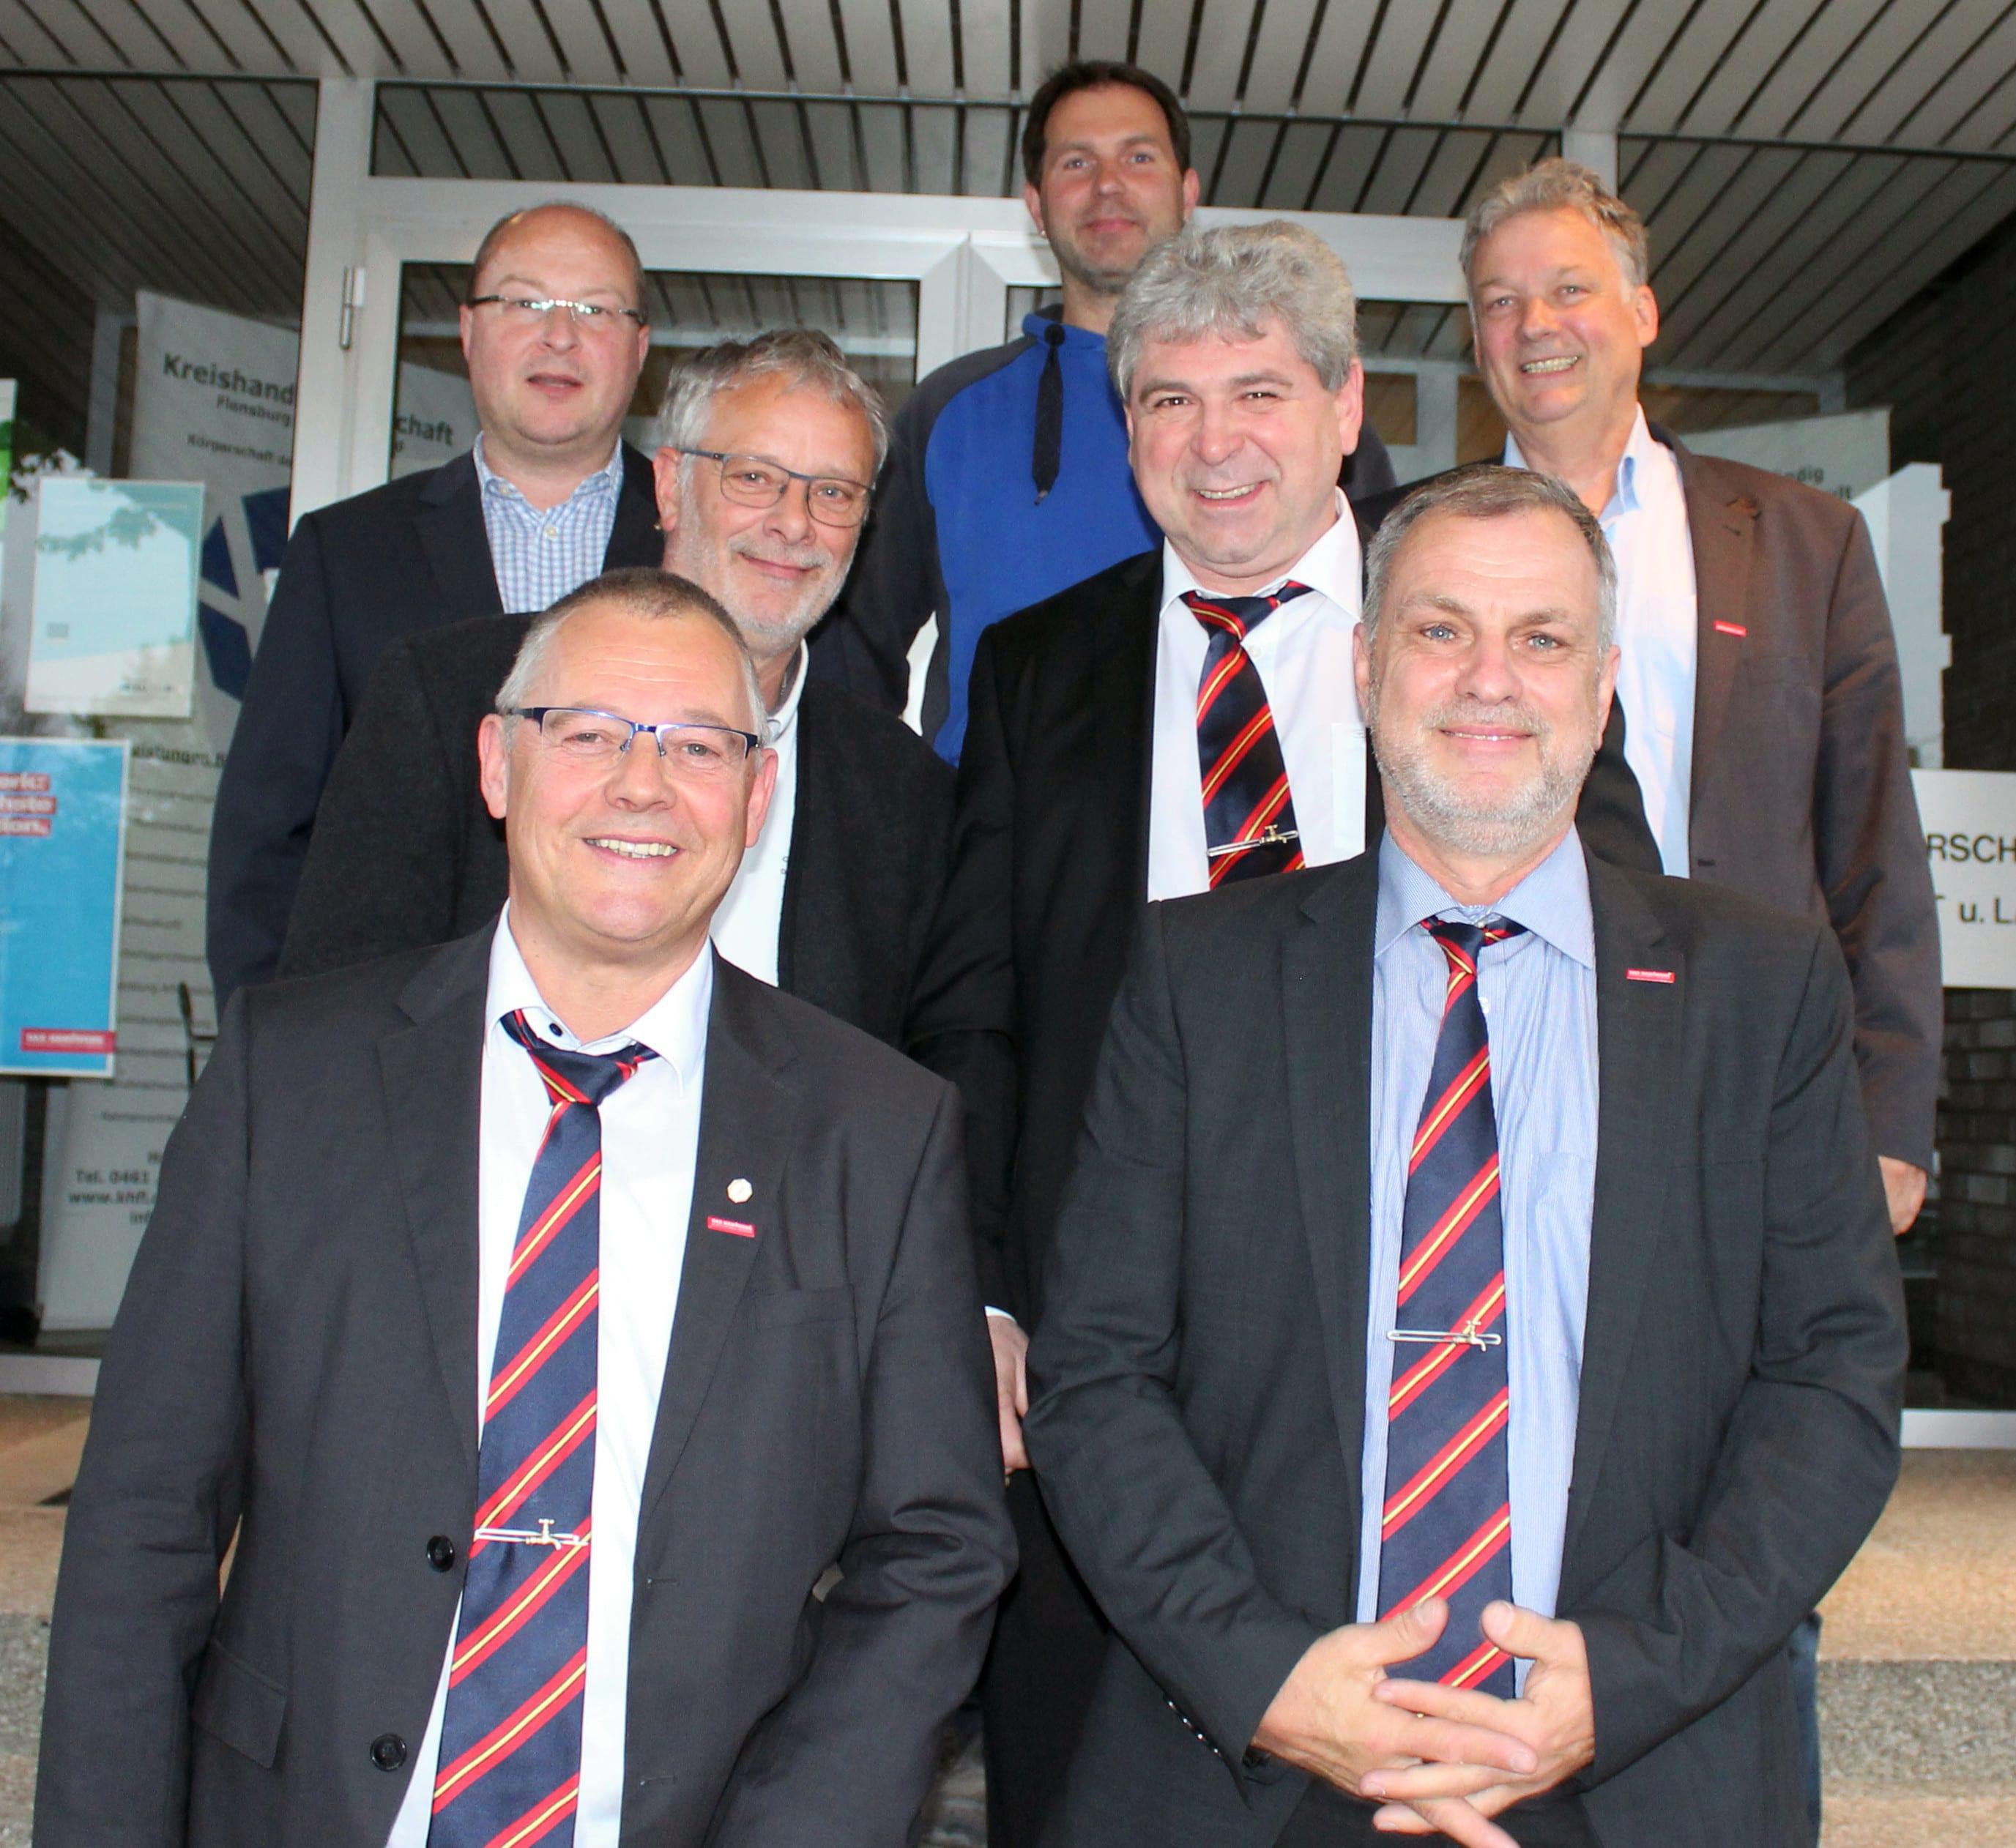 Kreishandwerkerschaft Flensburg BU Neuer Innungsvorstand SHK